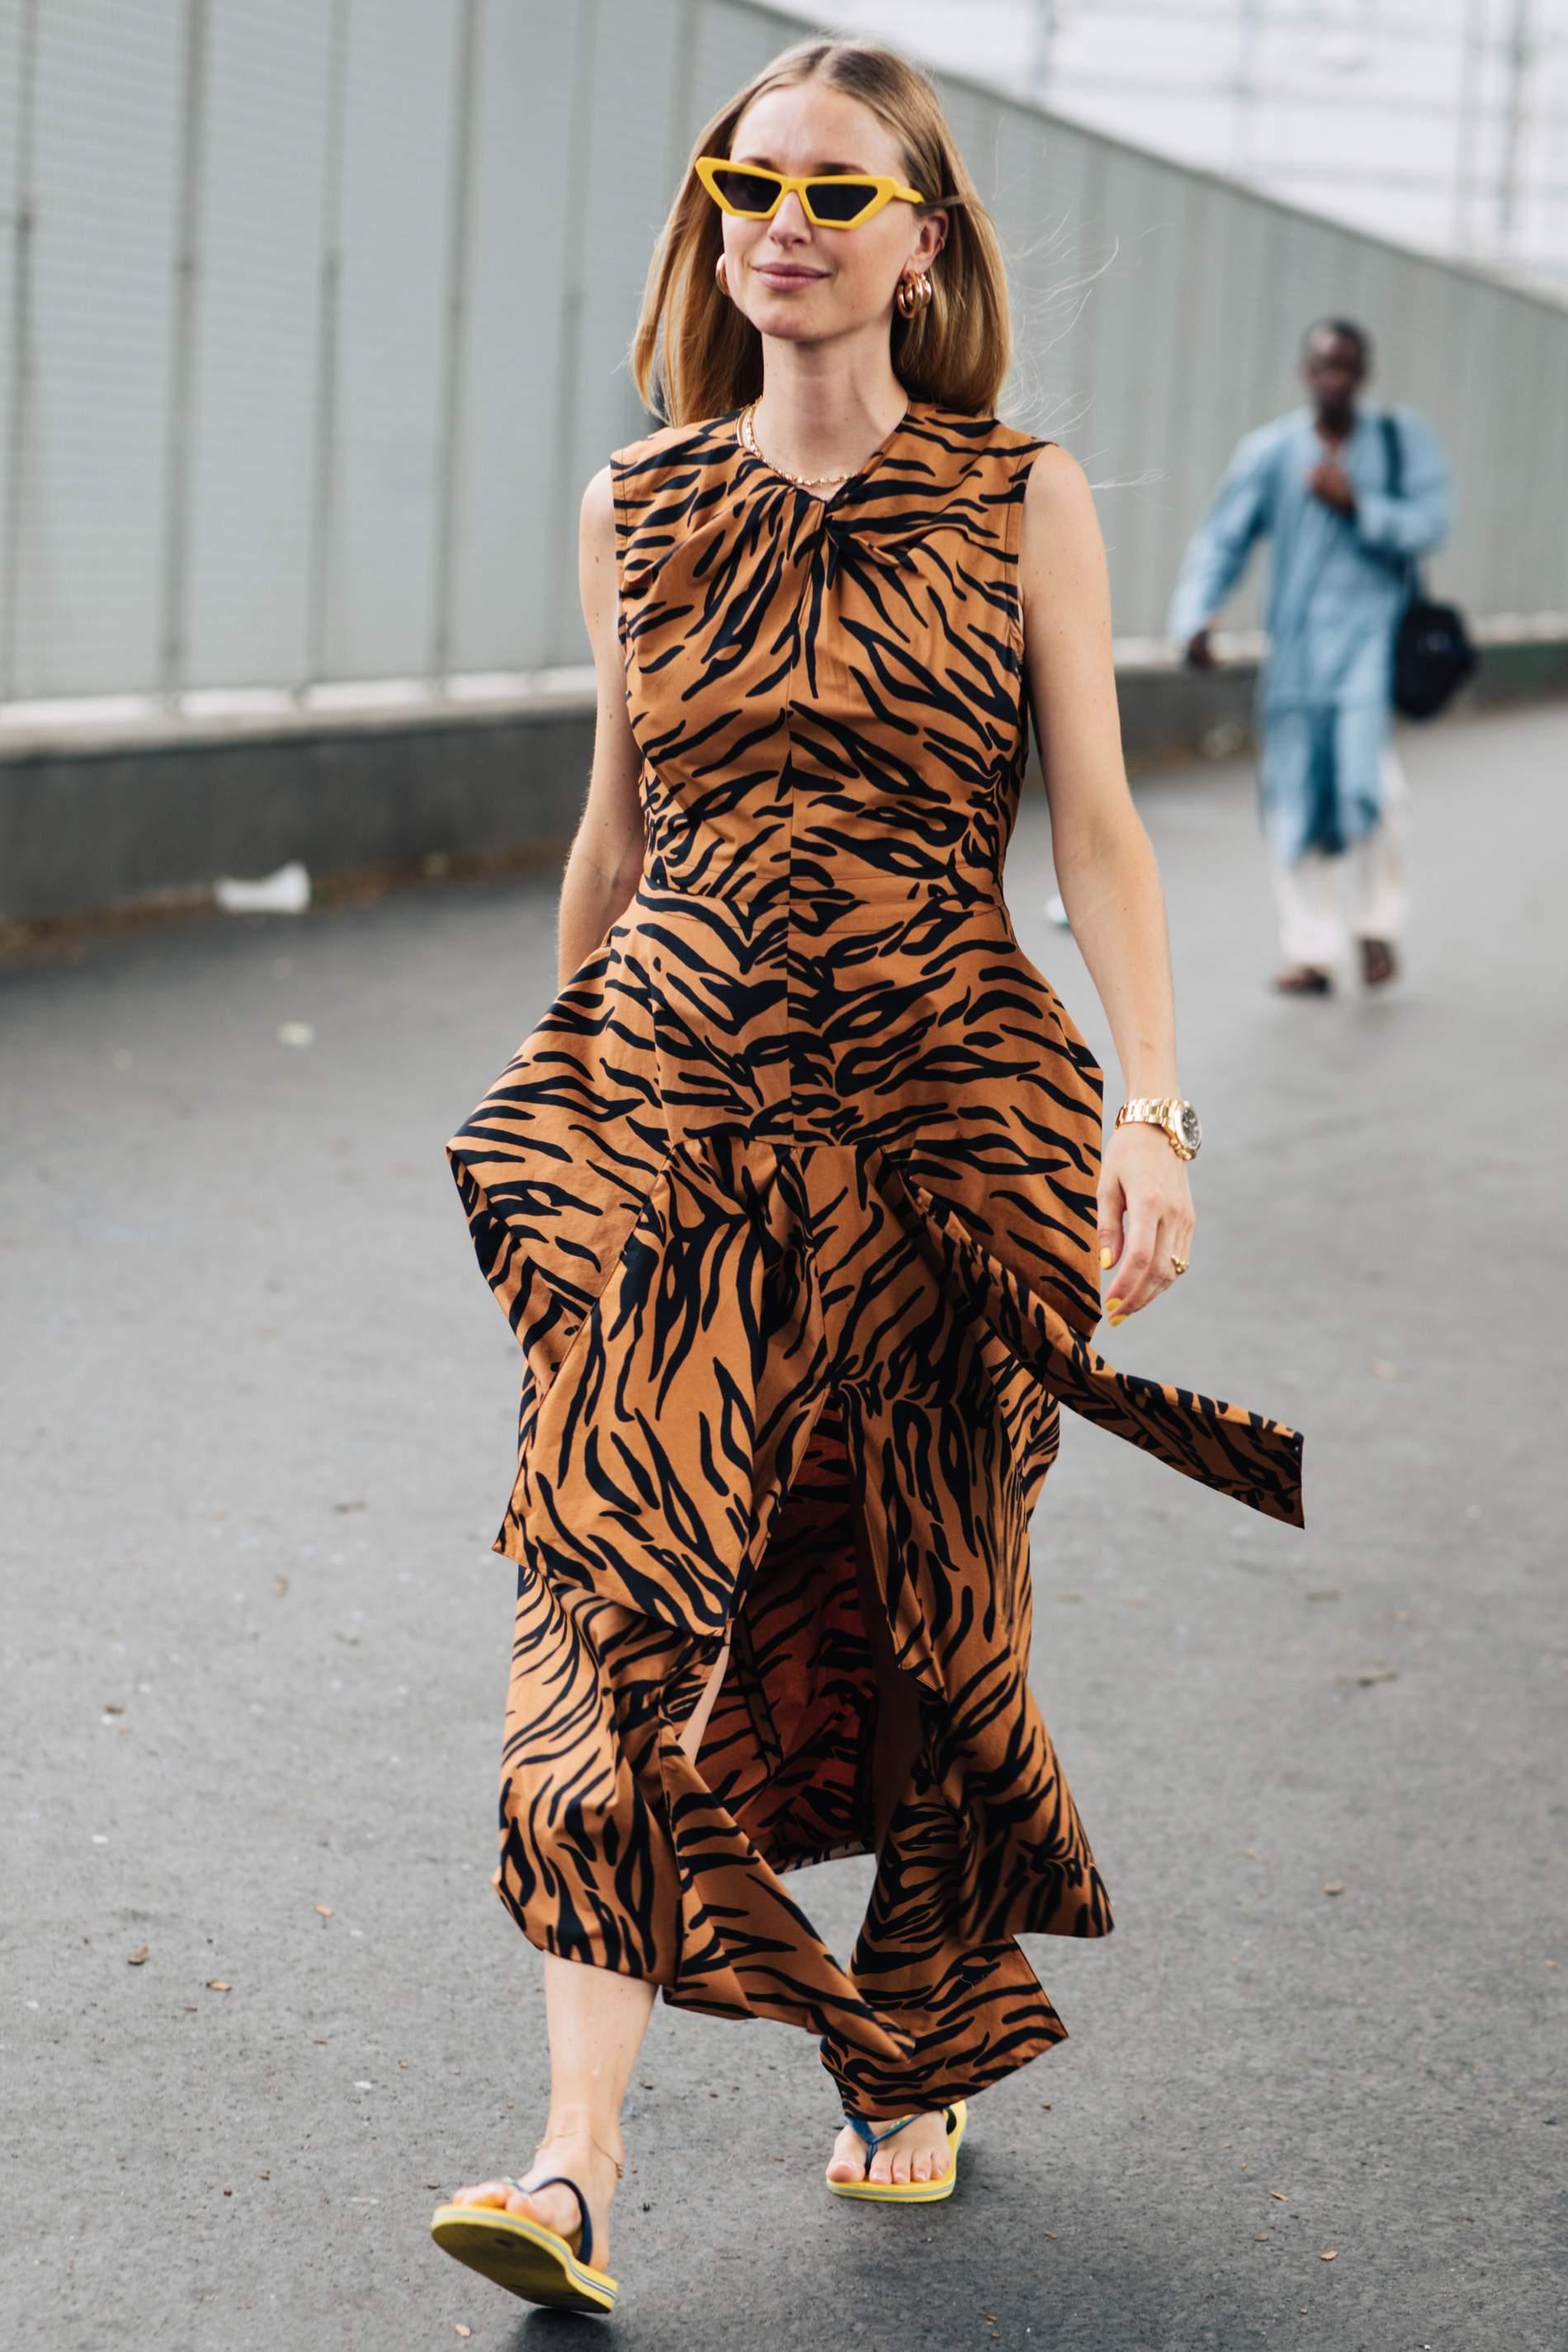 xu hướng thời trang váy họa tiết da hổ 5